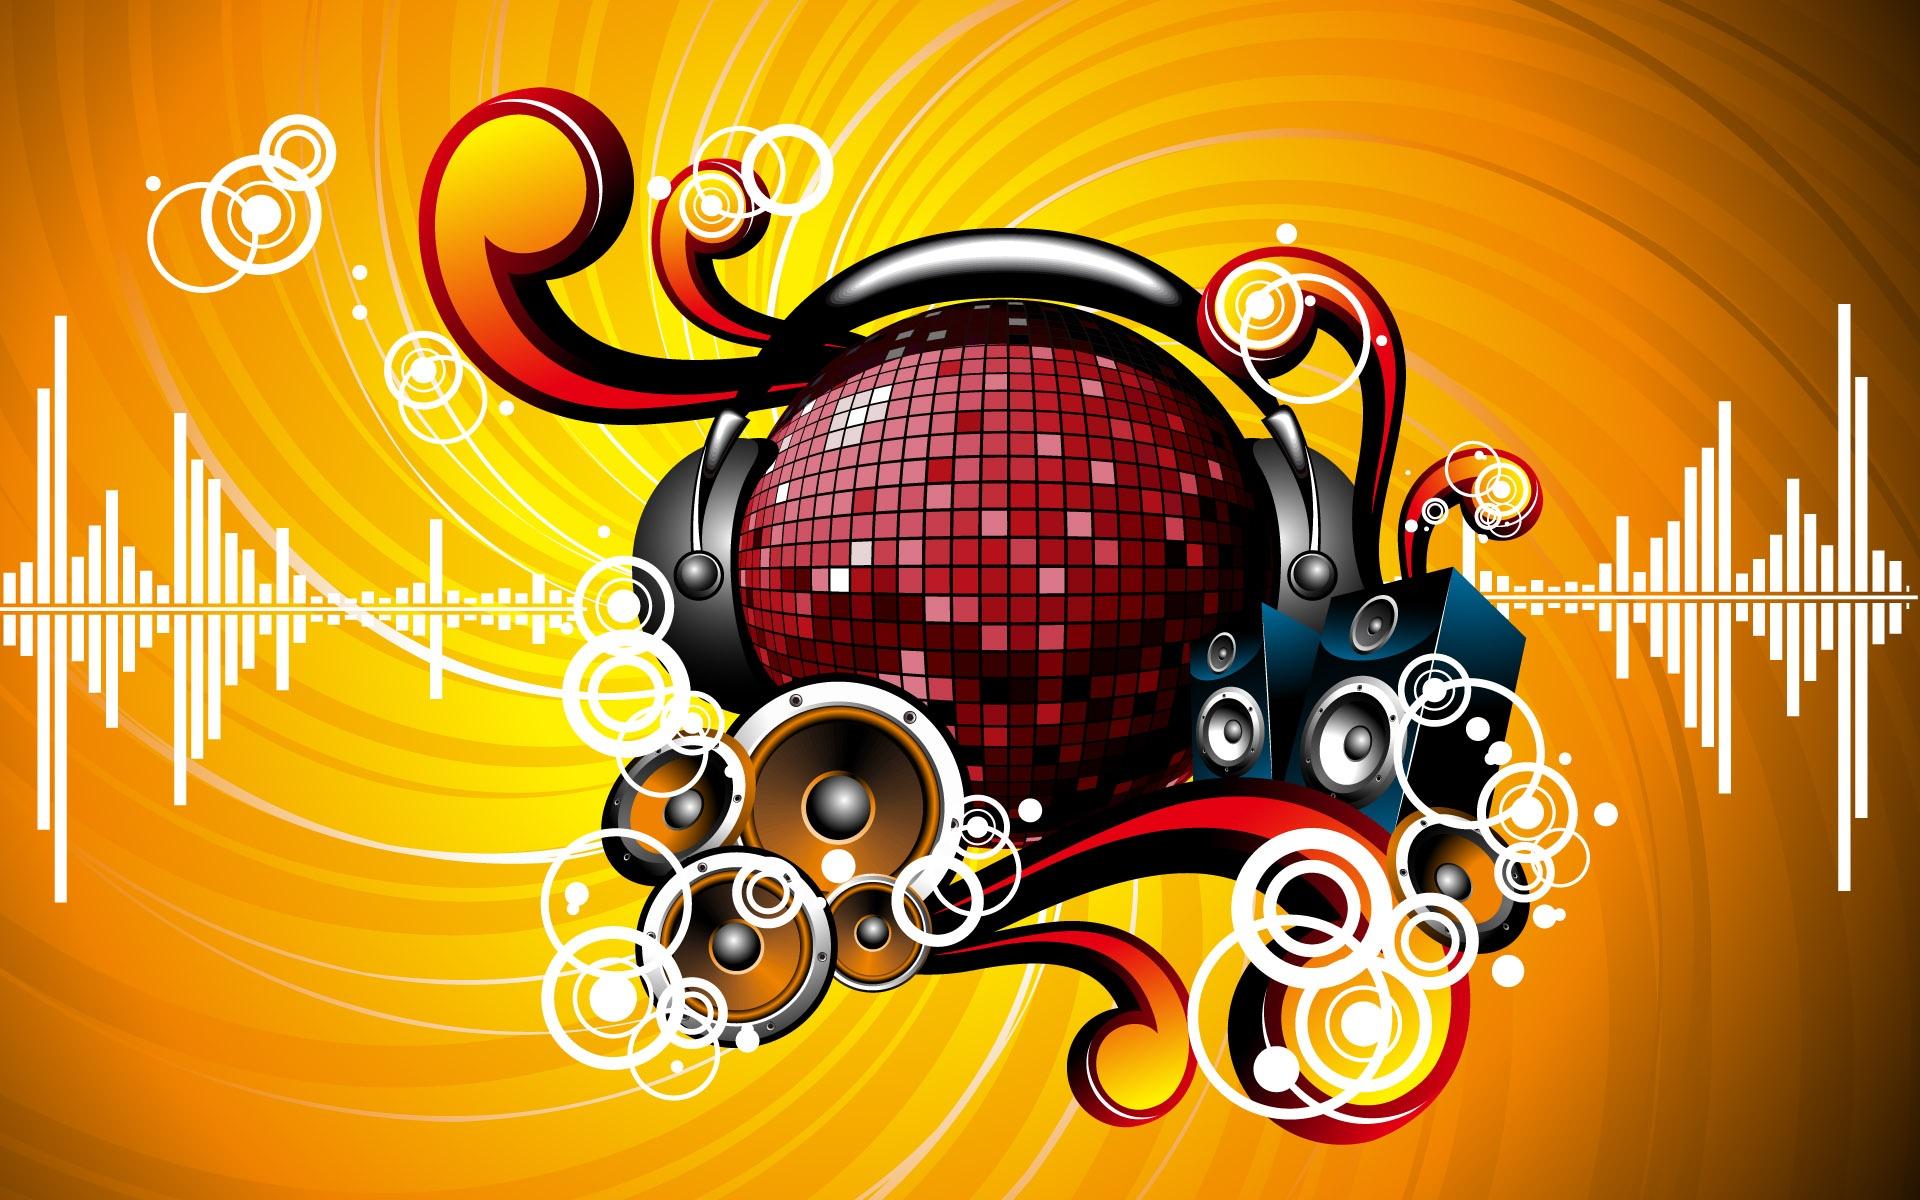 http://4.bp.blogspot.com/-X-UNXBOmSV0/UEEXyG1IbiI/AAAAAAAAEZo/w-4hfQLaVZo/s1920/cool-vector-headphones-1200.jpg